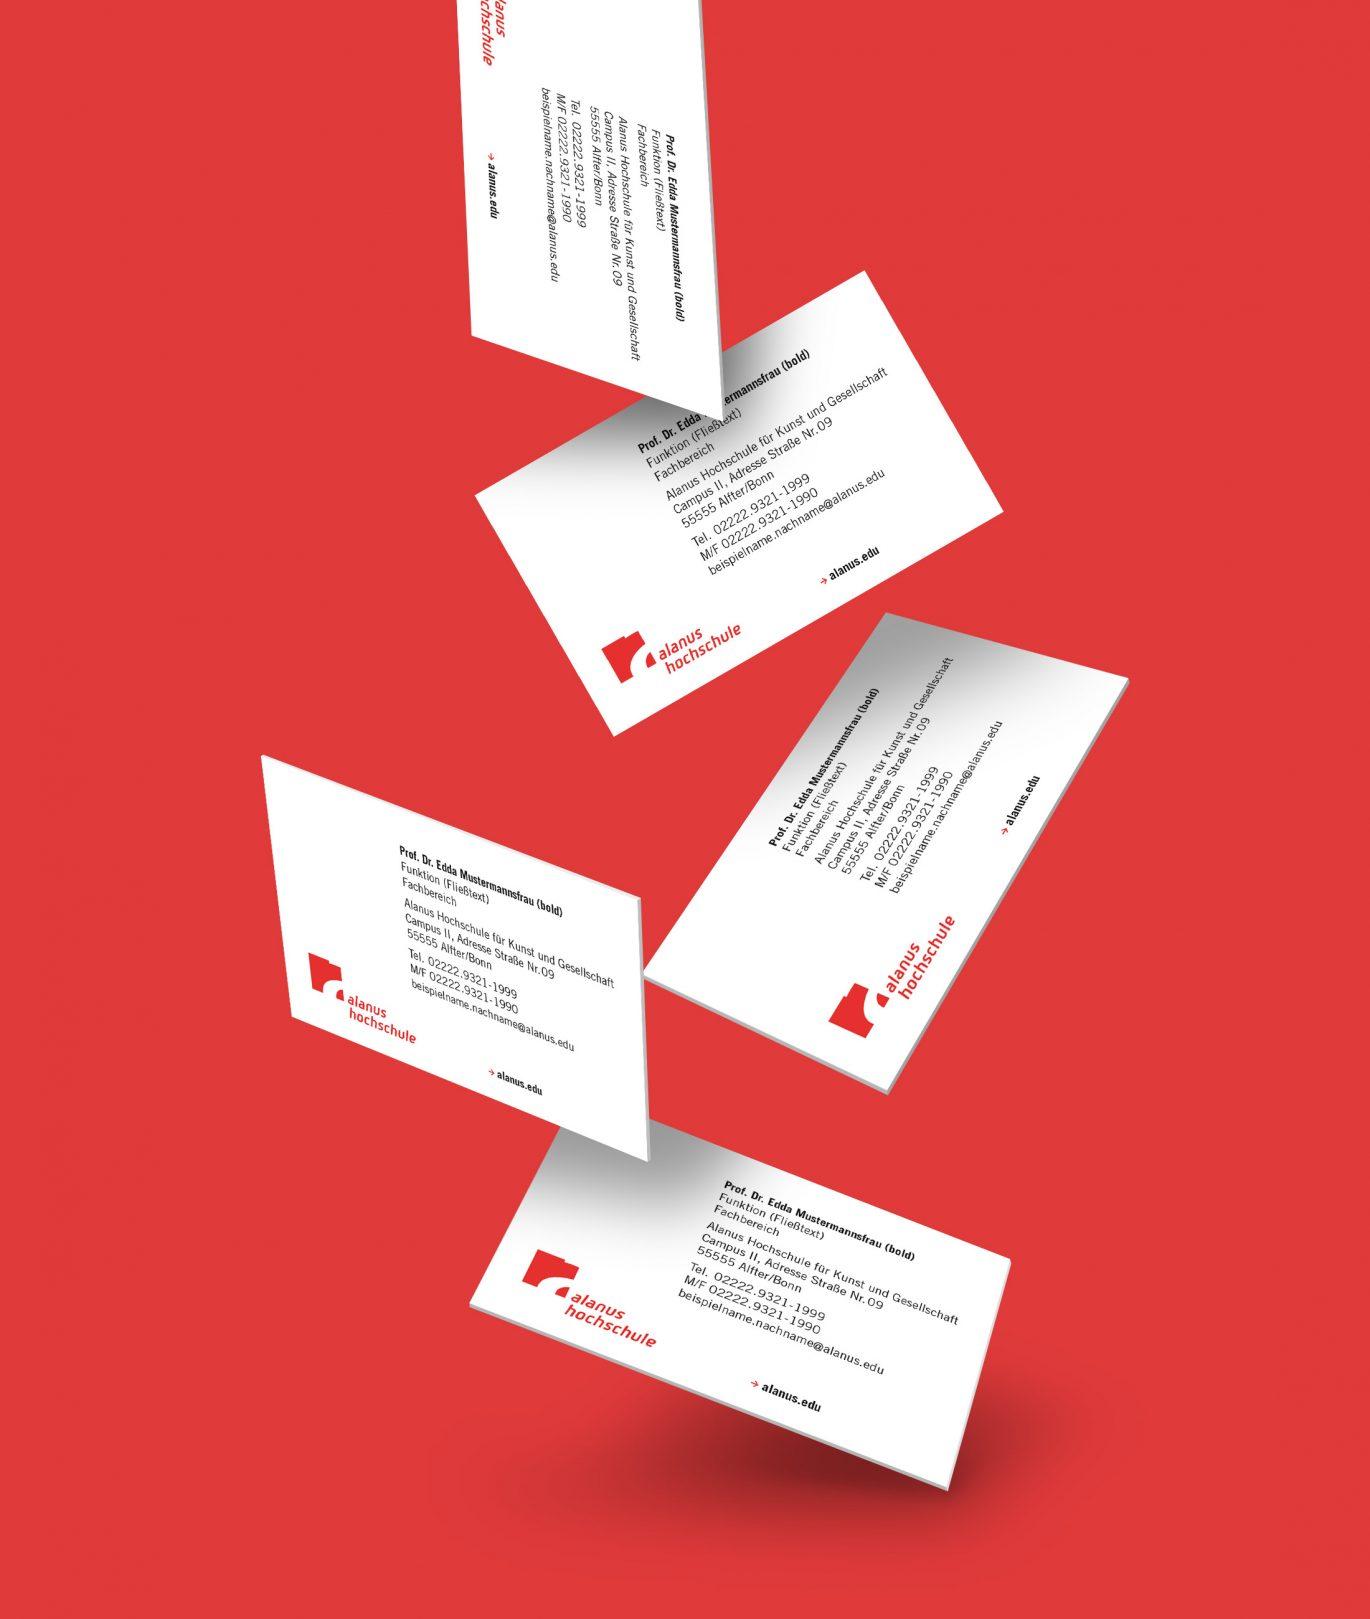 Visitenkarten |Geschäftsausstattung | Geschäftspapiere |Corporate Design